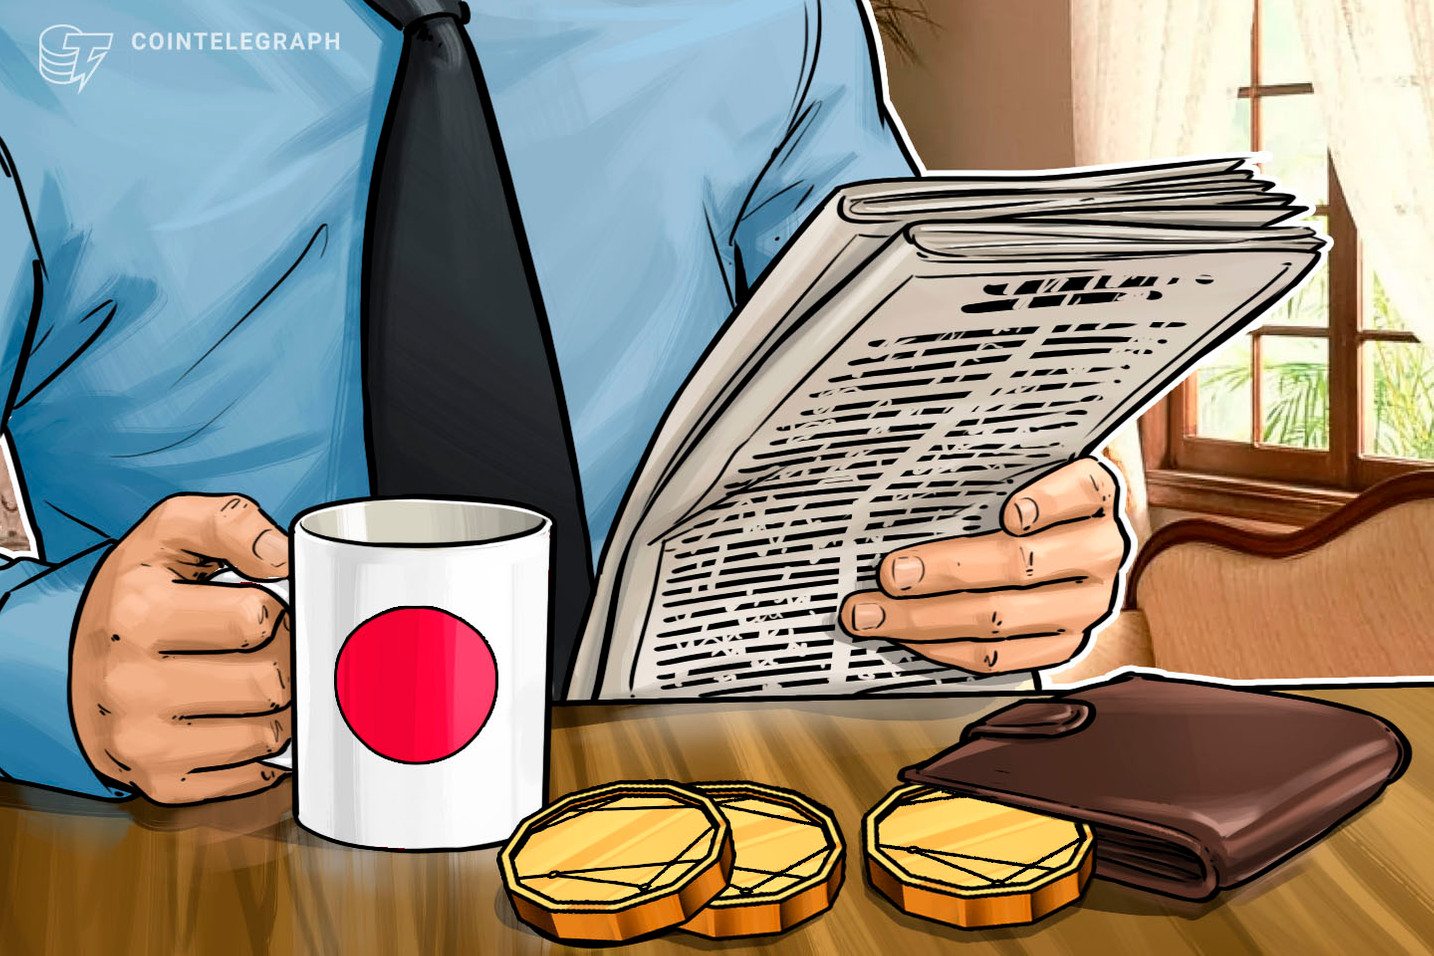 Celebridad japonesa se convierte en la cara del criptoexchange BitFlyer